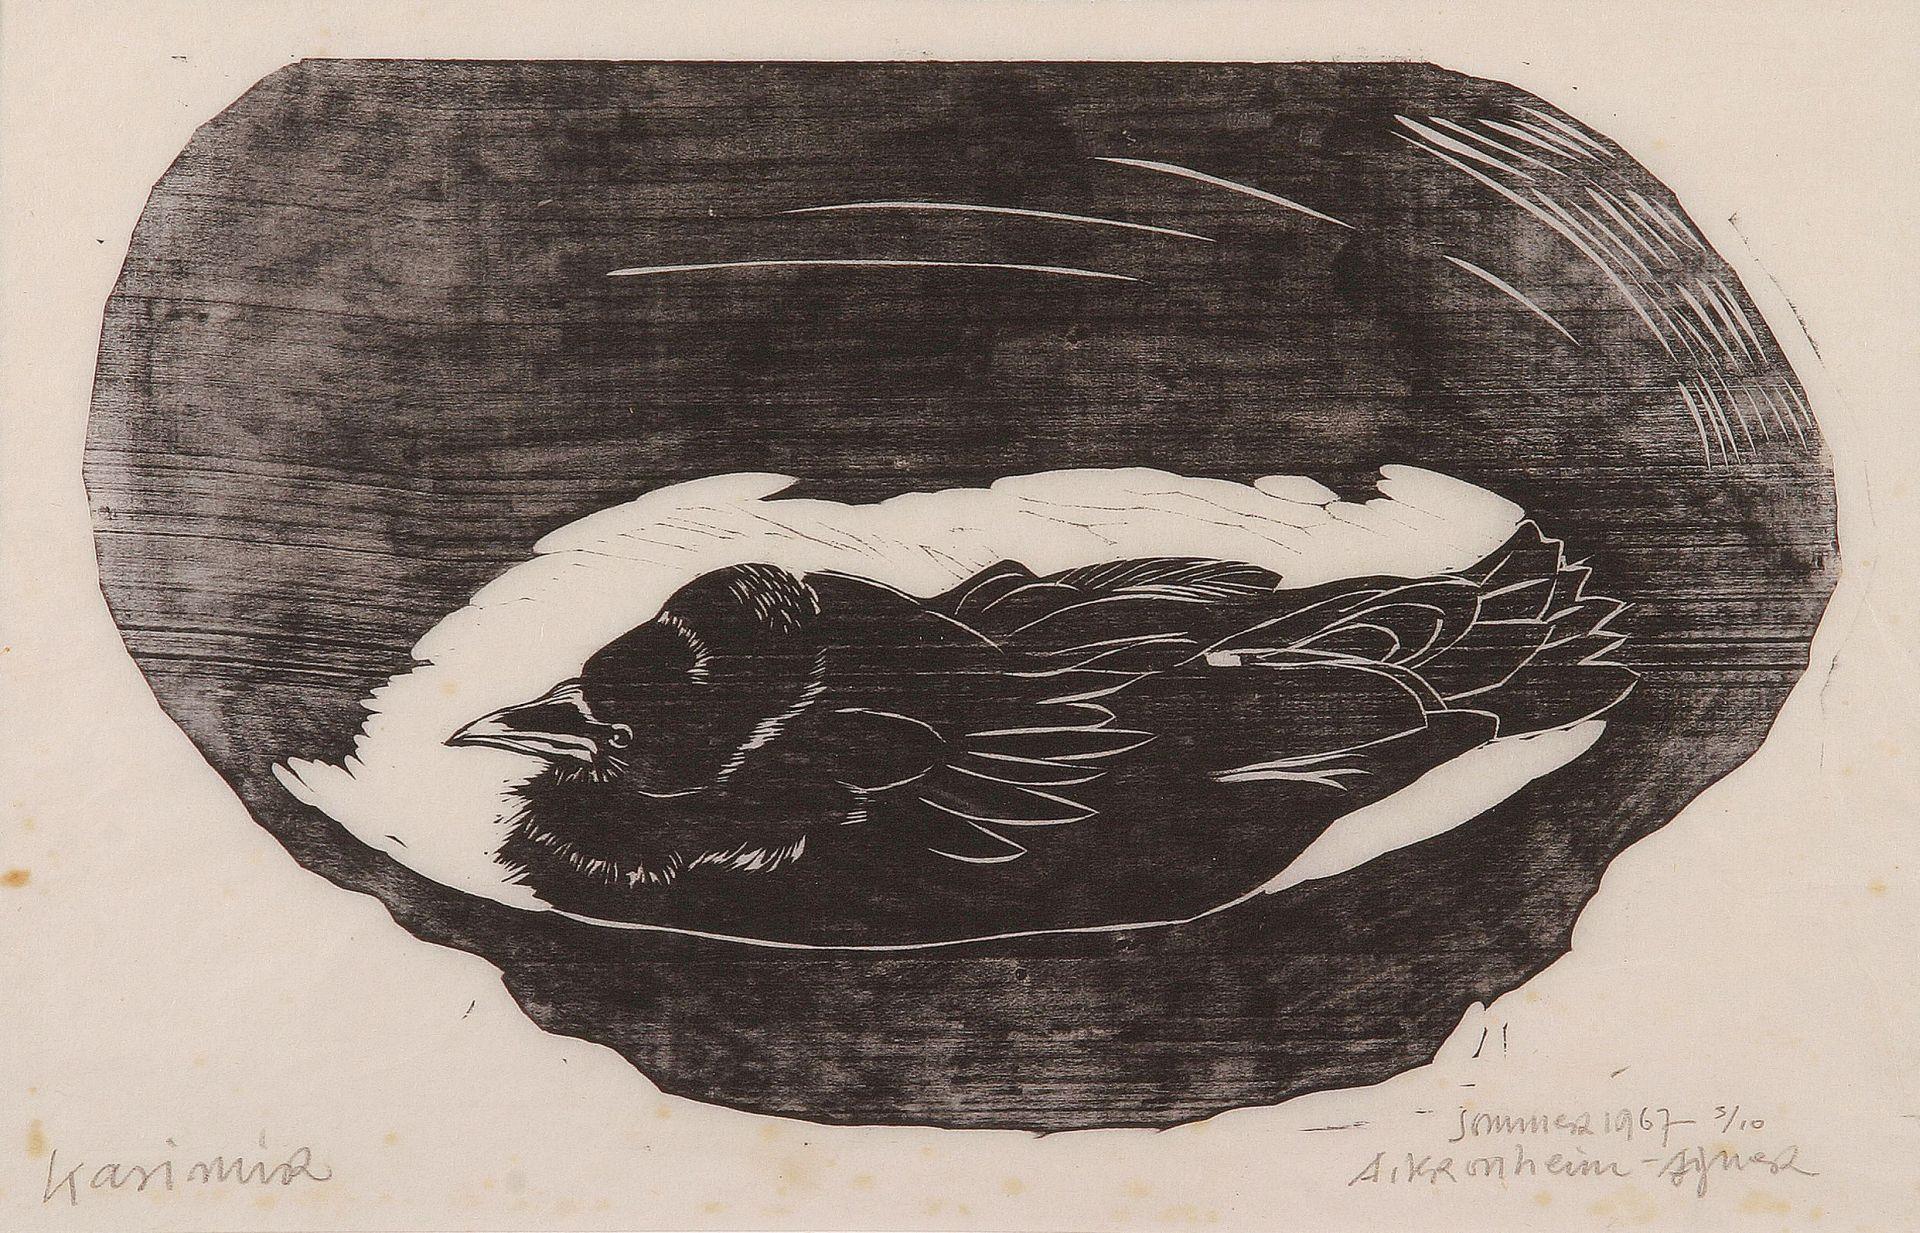 Auguste Kronheim-Casimir